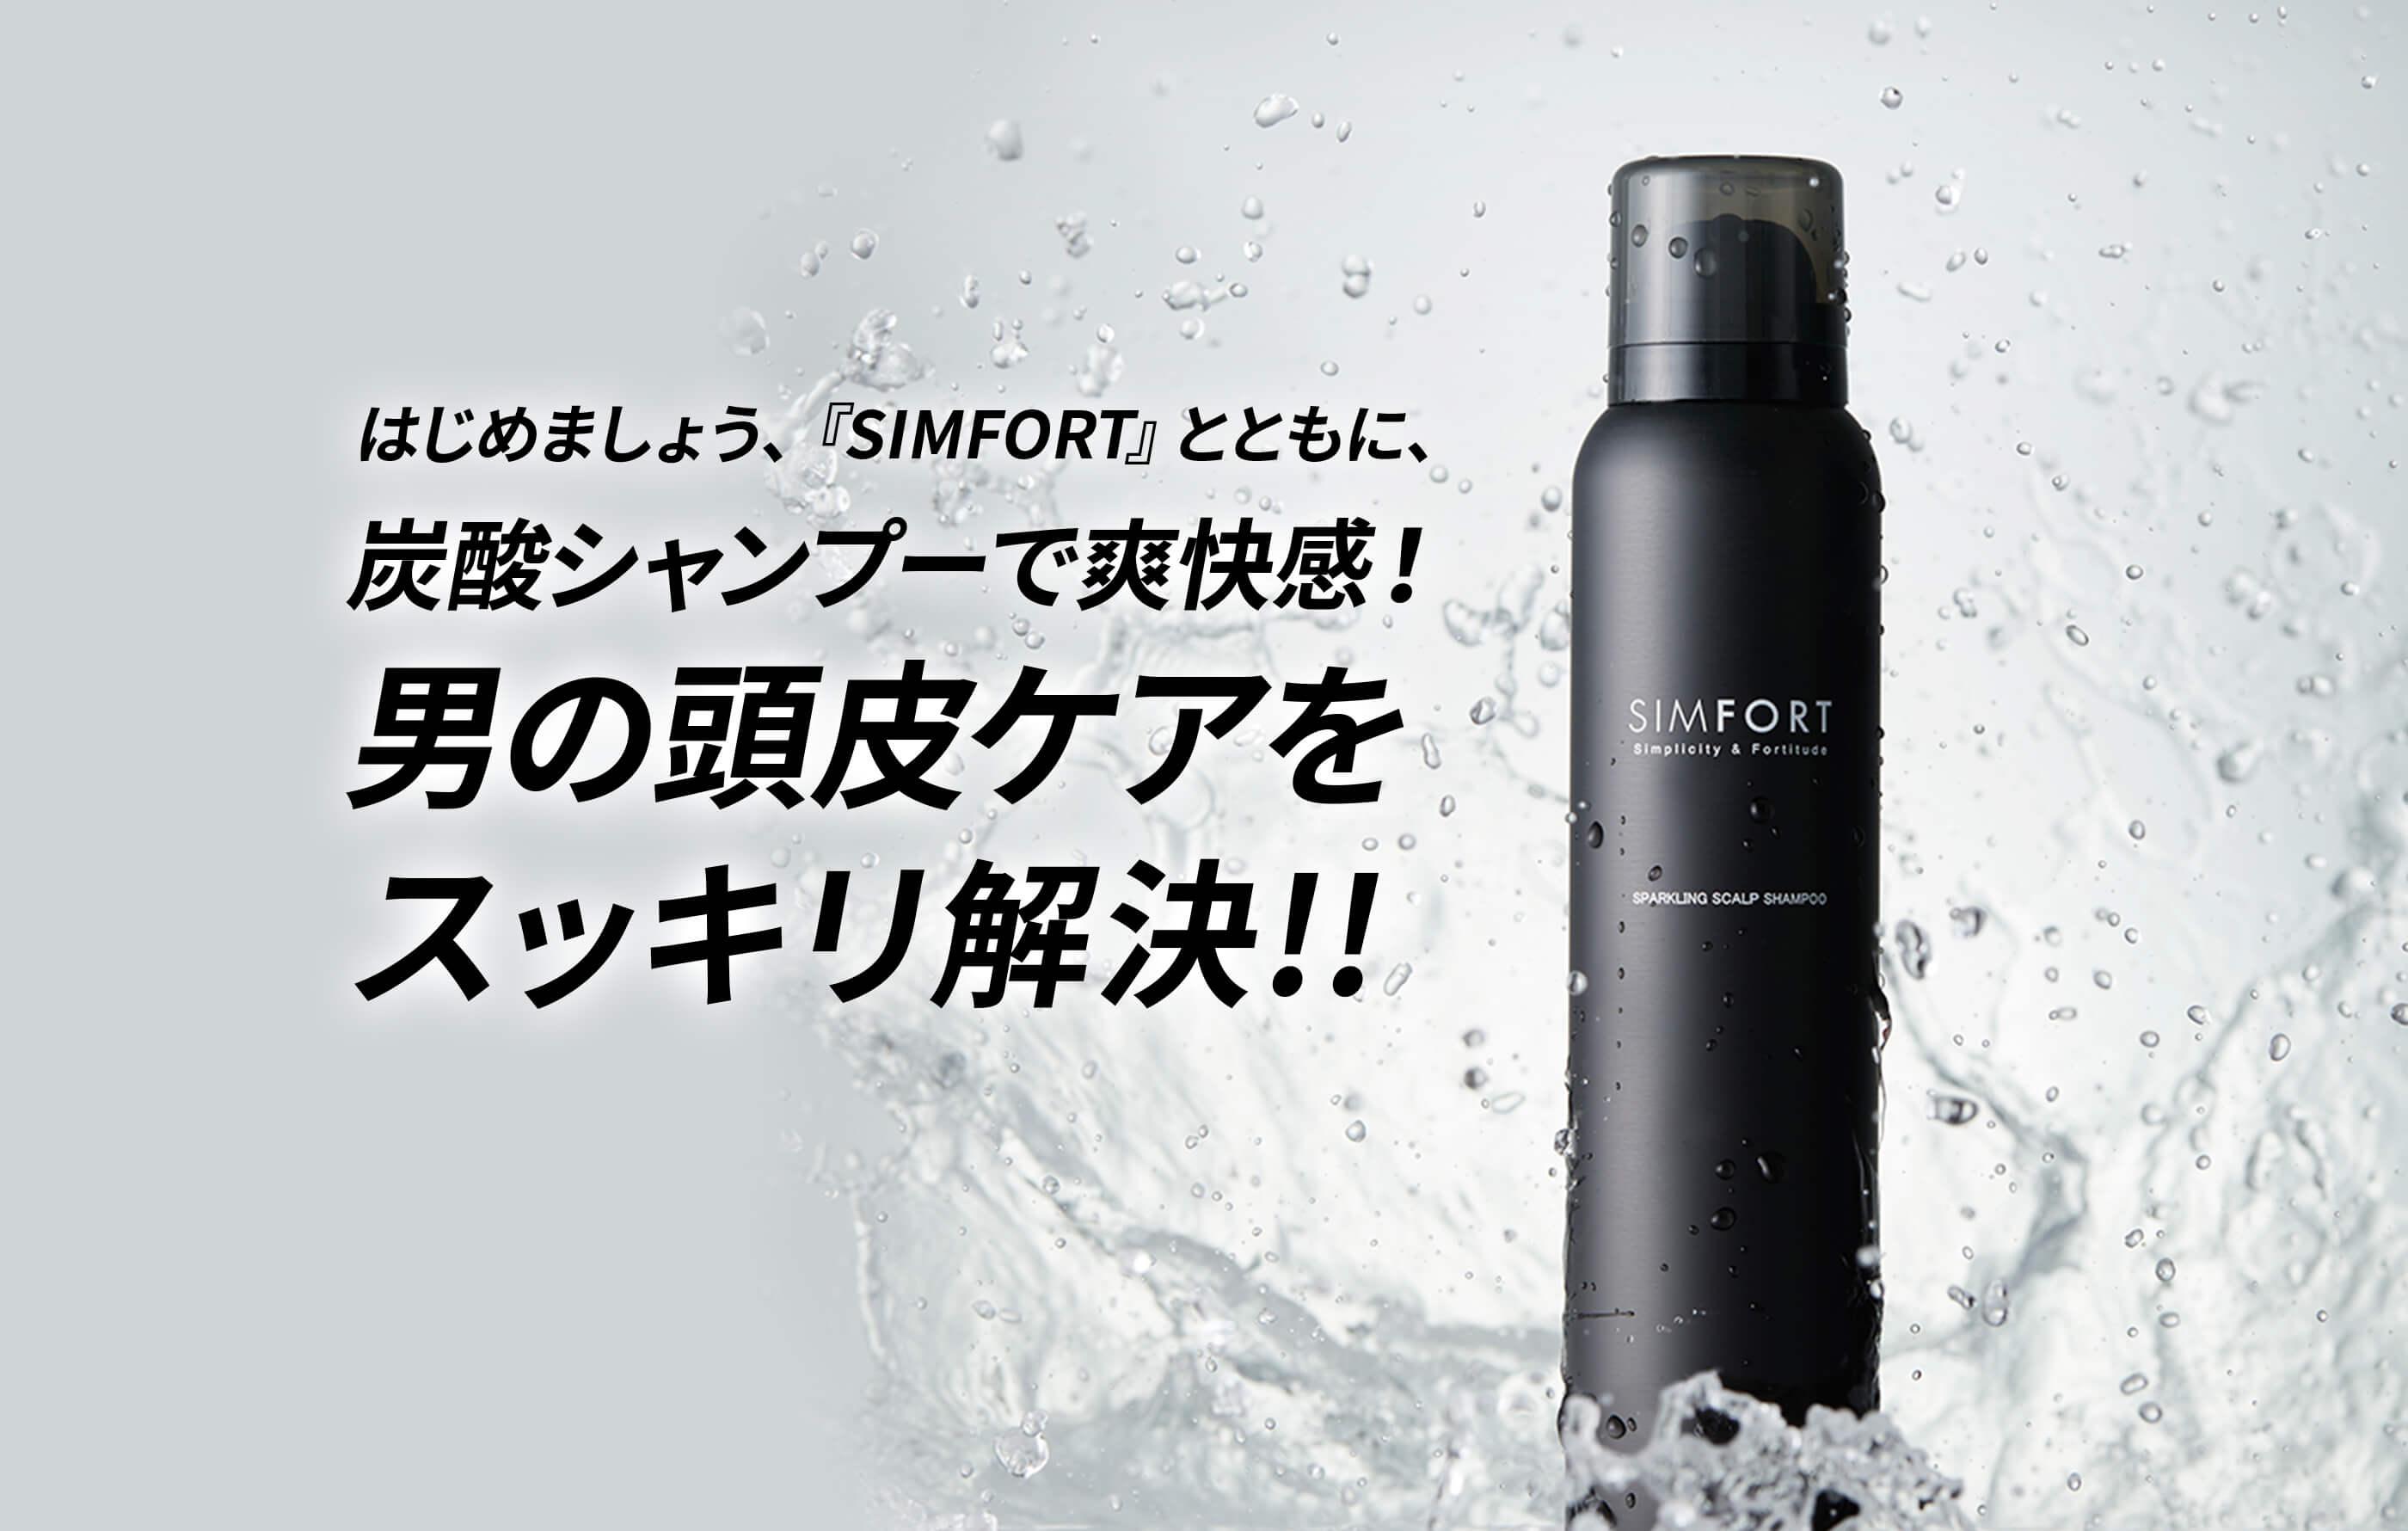 はじめましょう、『SIMFORT』とともに、炭酸シャンプーで爽快感!男の頭皮ケアをスッキリ解決!!